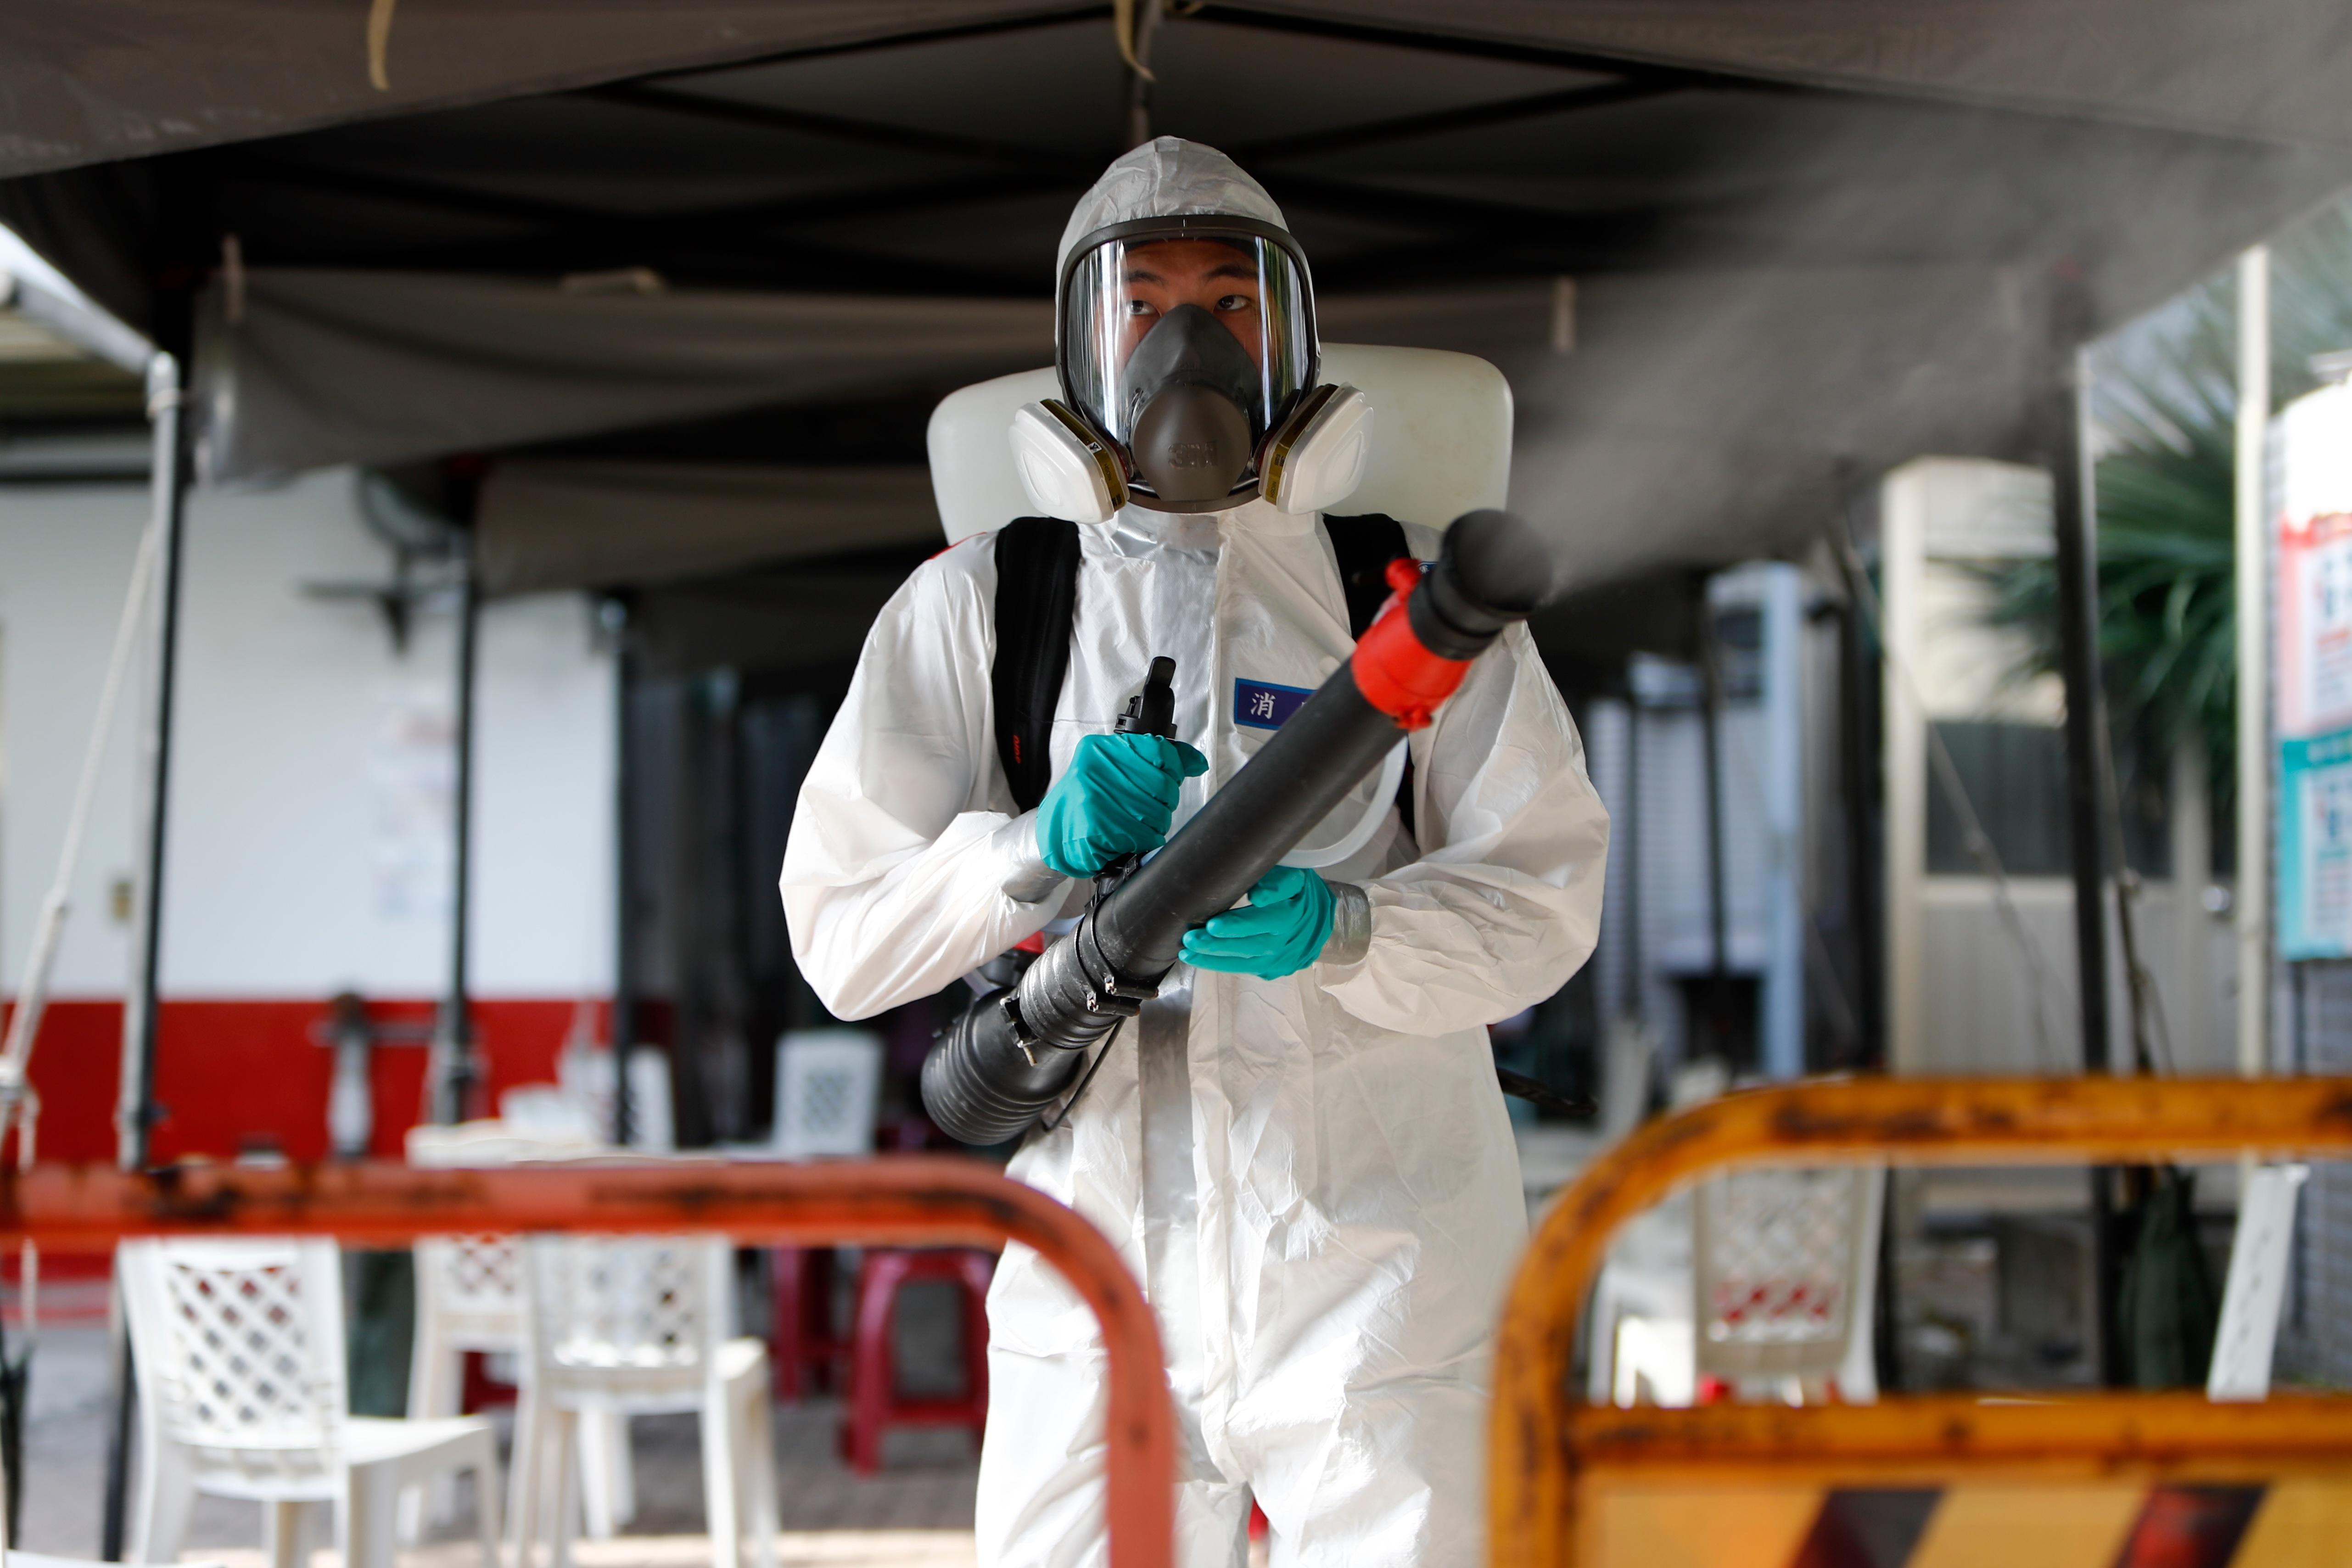 台湾新增55例本土新冠病例 新增5例死亡病例